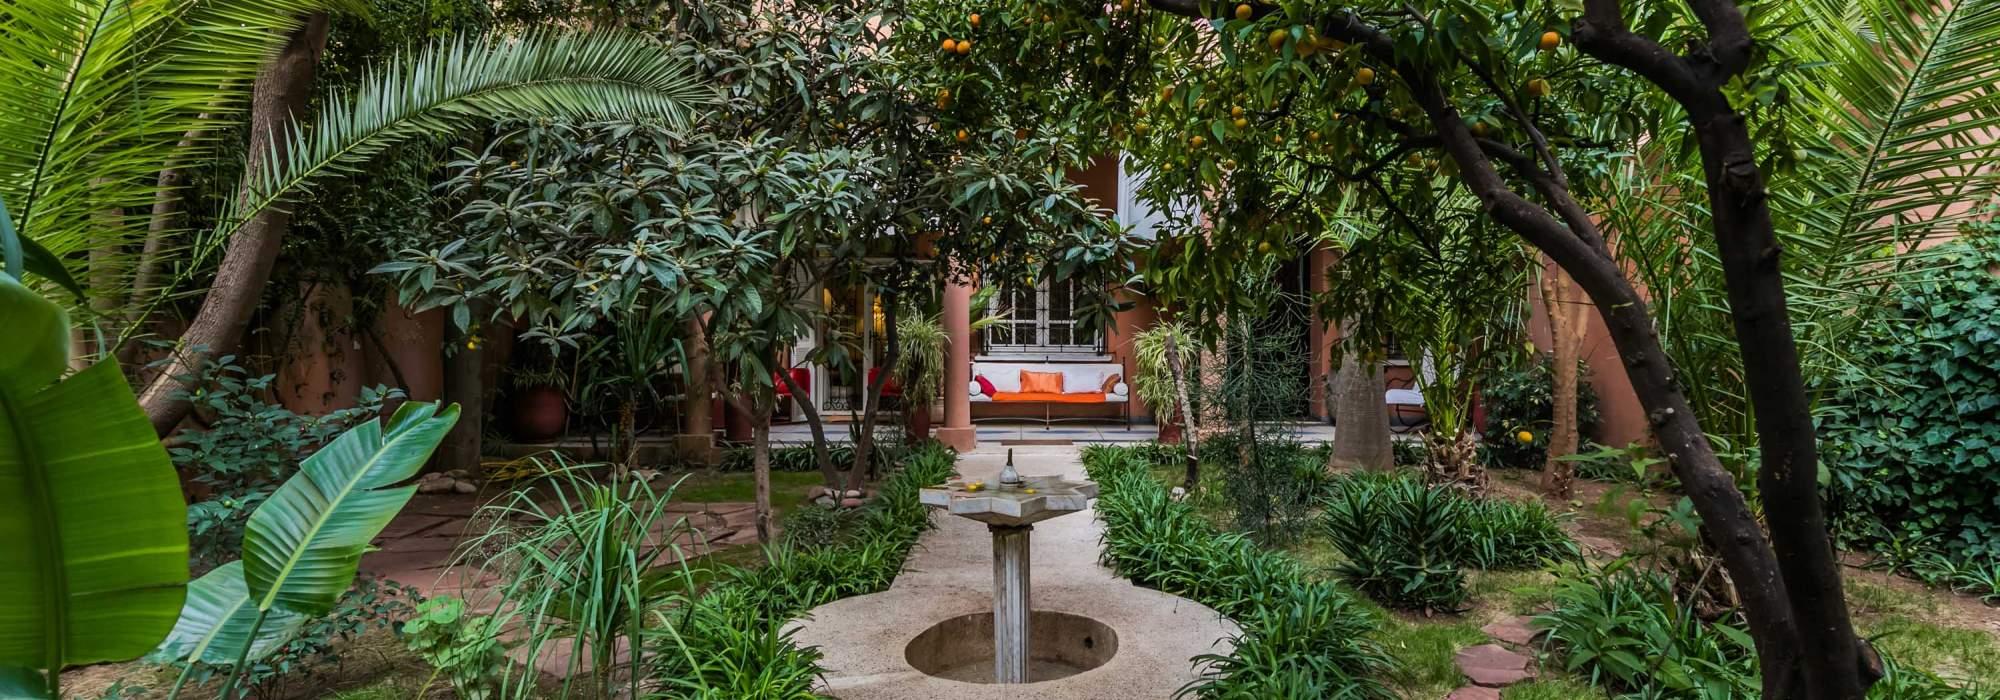 villa a vendre centre ville marrakech